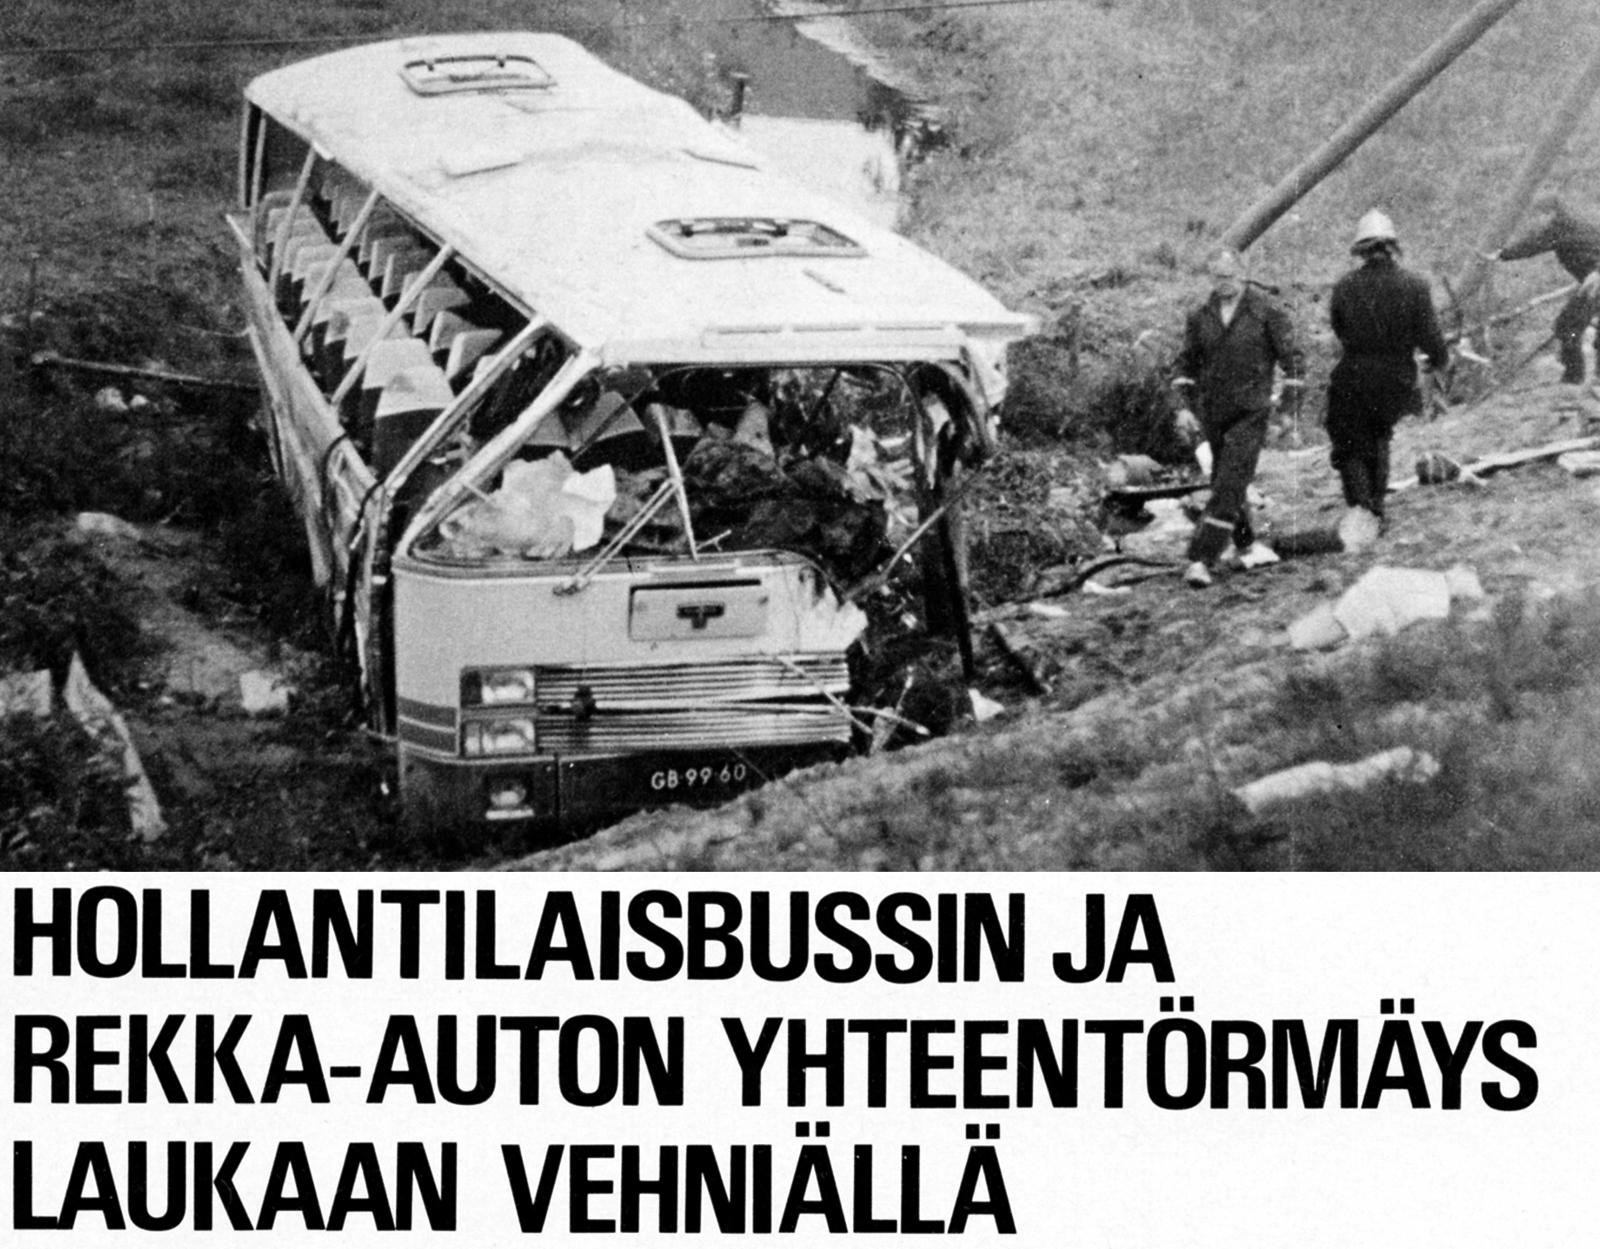 Pelastustöihin osallistui kaikkiaan 73 henkilöä. Sairasautoja paikalla kävi 15.